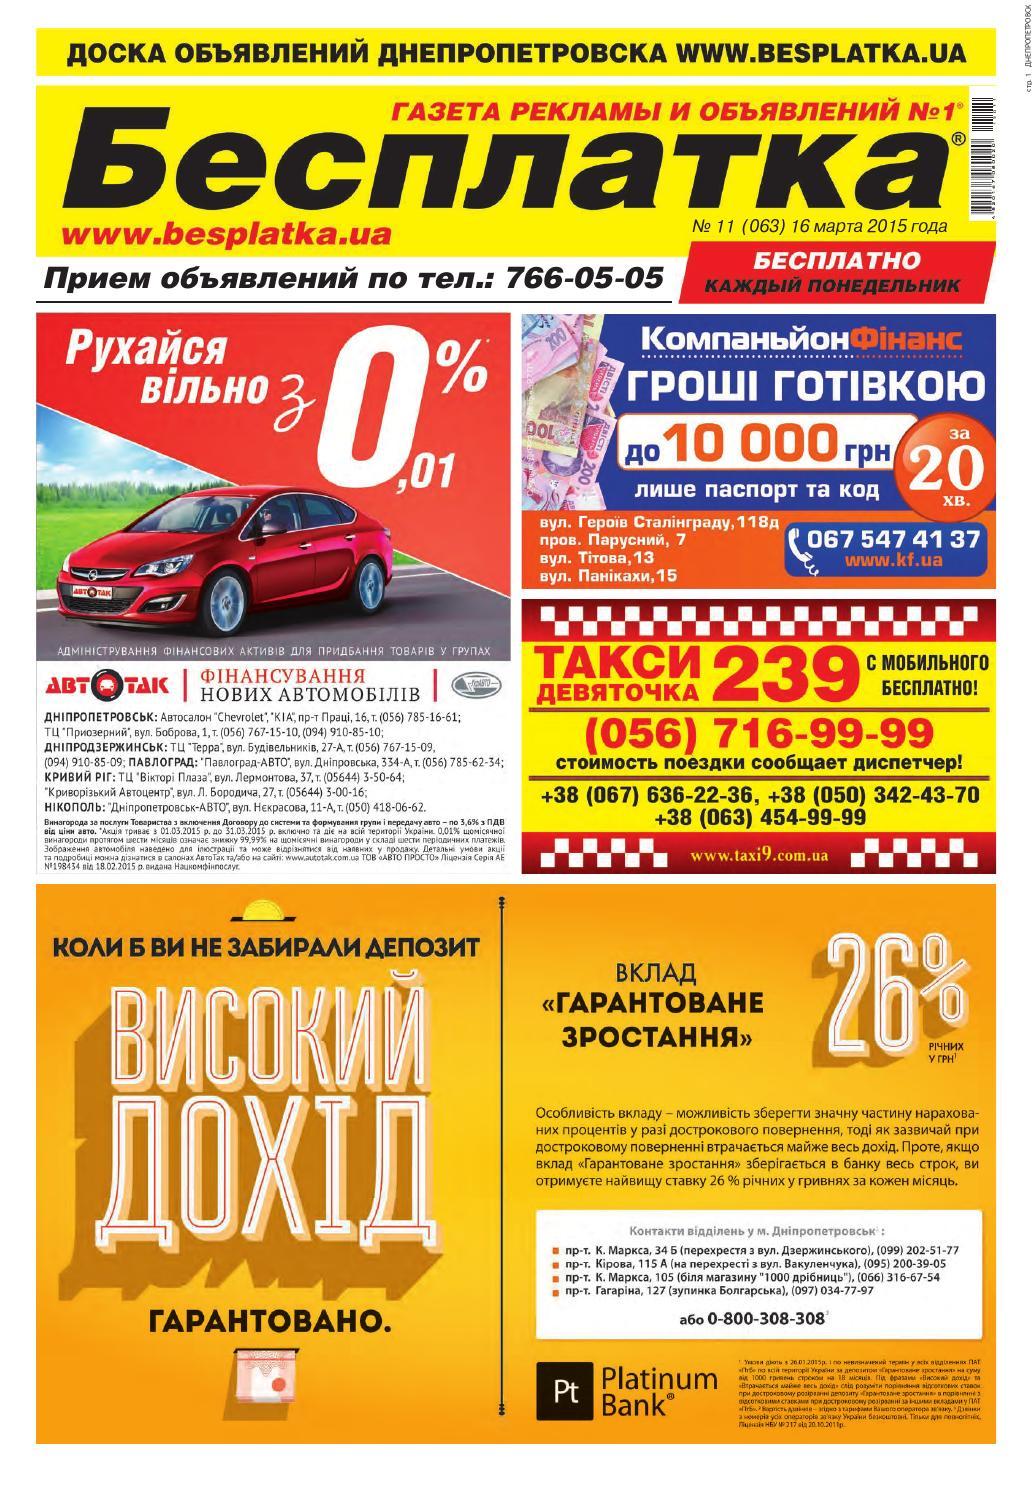 070b8bdebf6 Besplatka dneprpetrovsk 16 03 2015 by besplatka ukraine - issuu